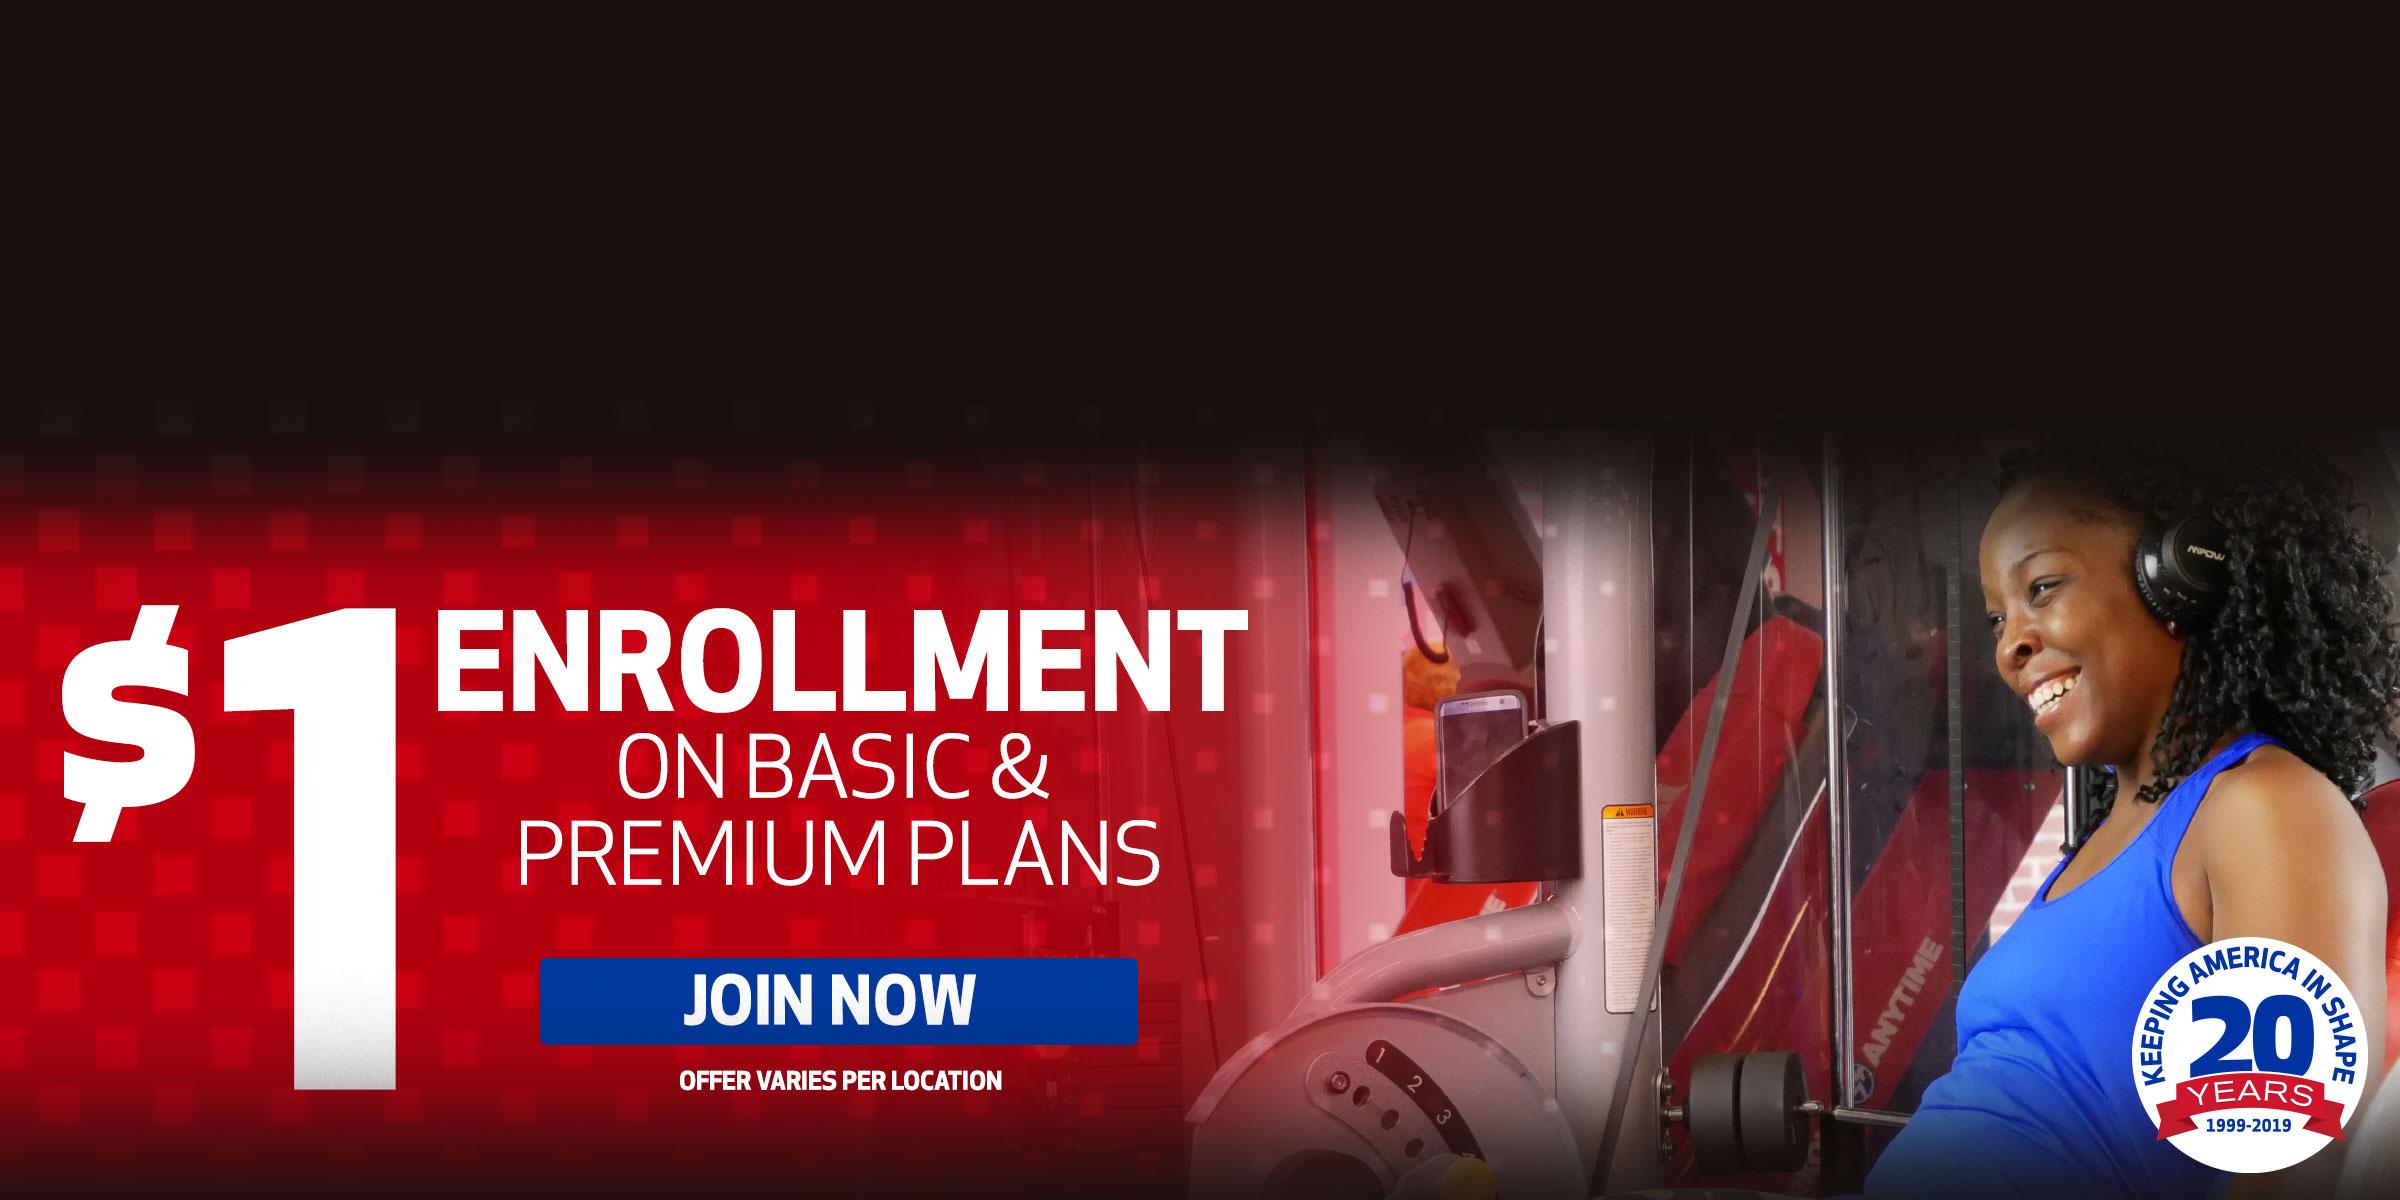 $1 Enrollment on Basic & Premium Plans